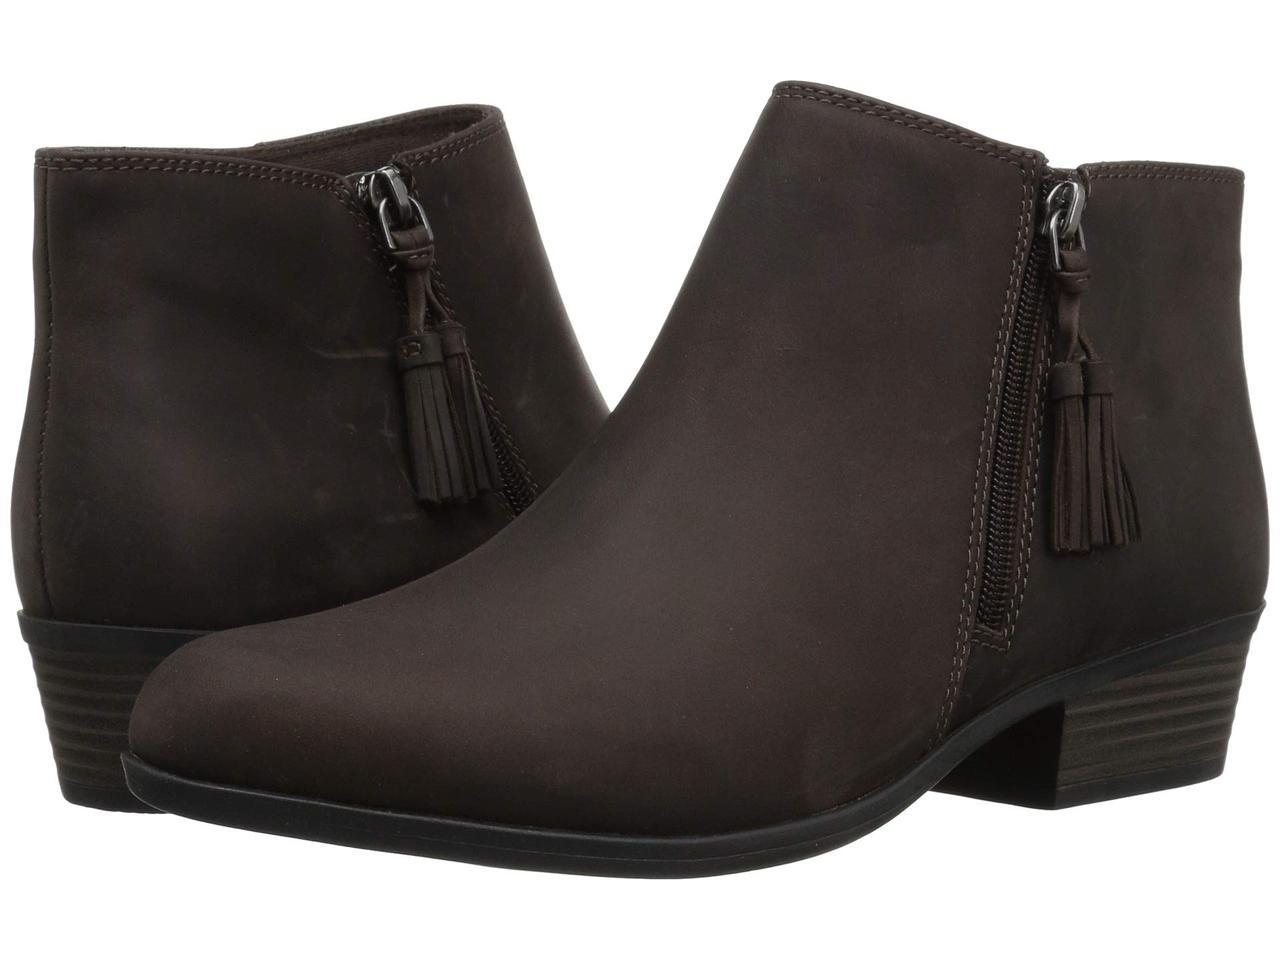 Ботинки/Сапоги (Оригинал) Clarks Addiy Terri Taupe Leather